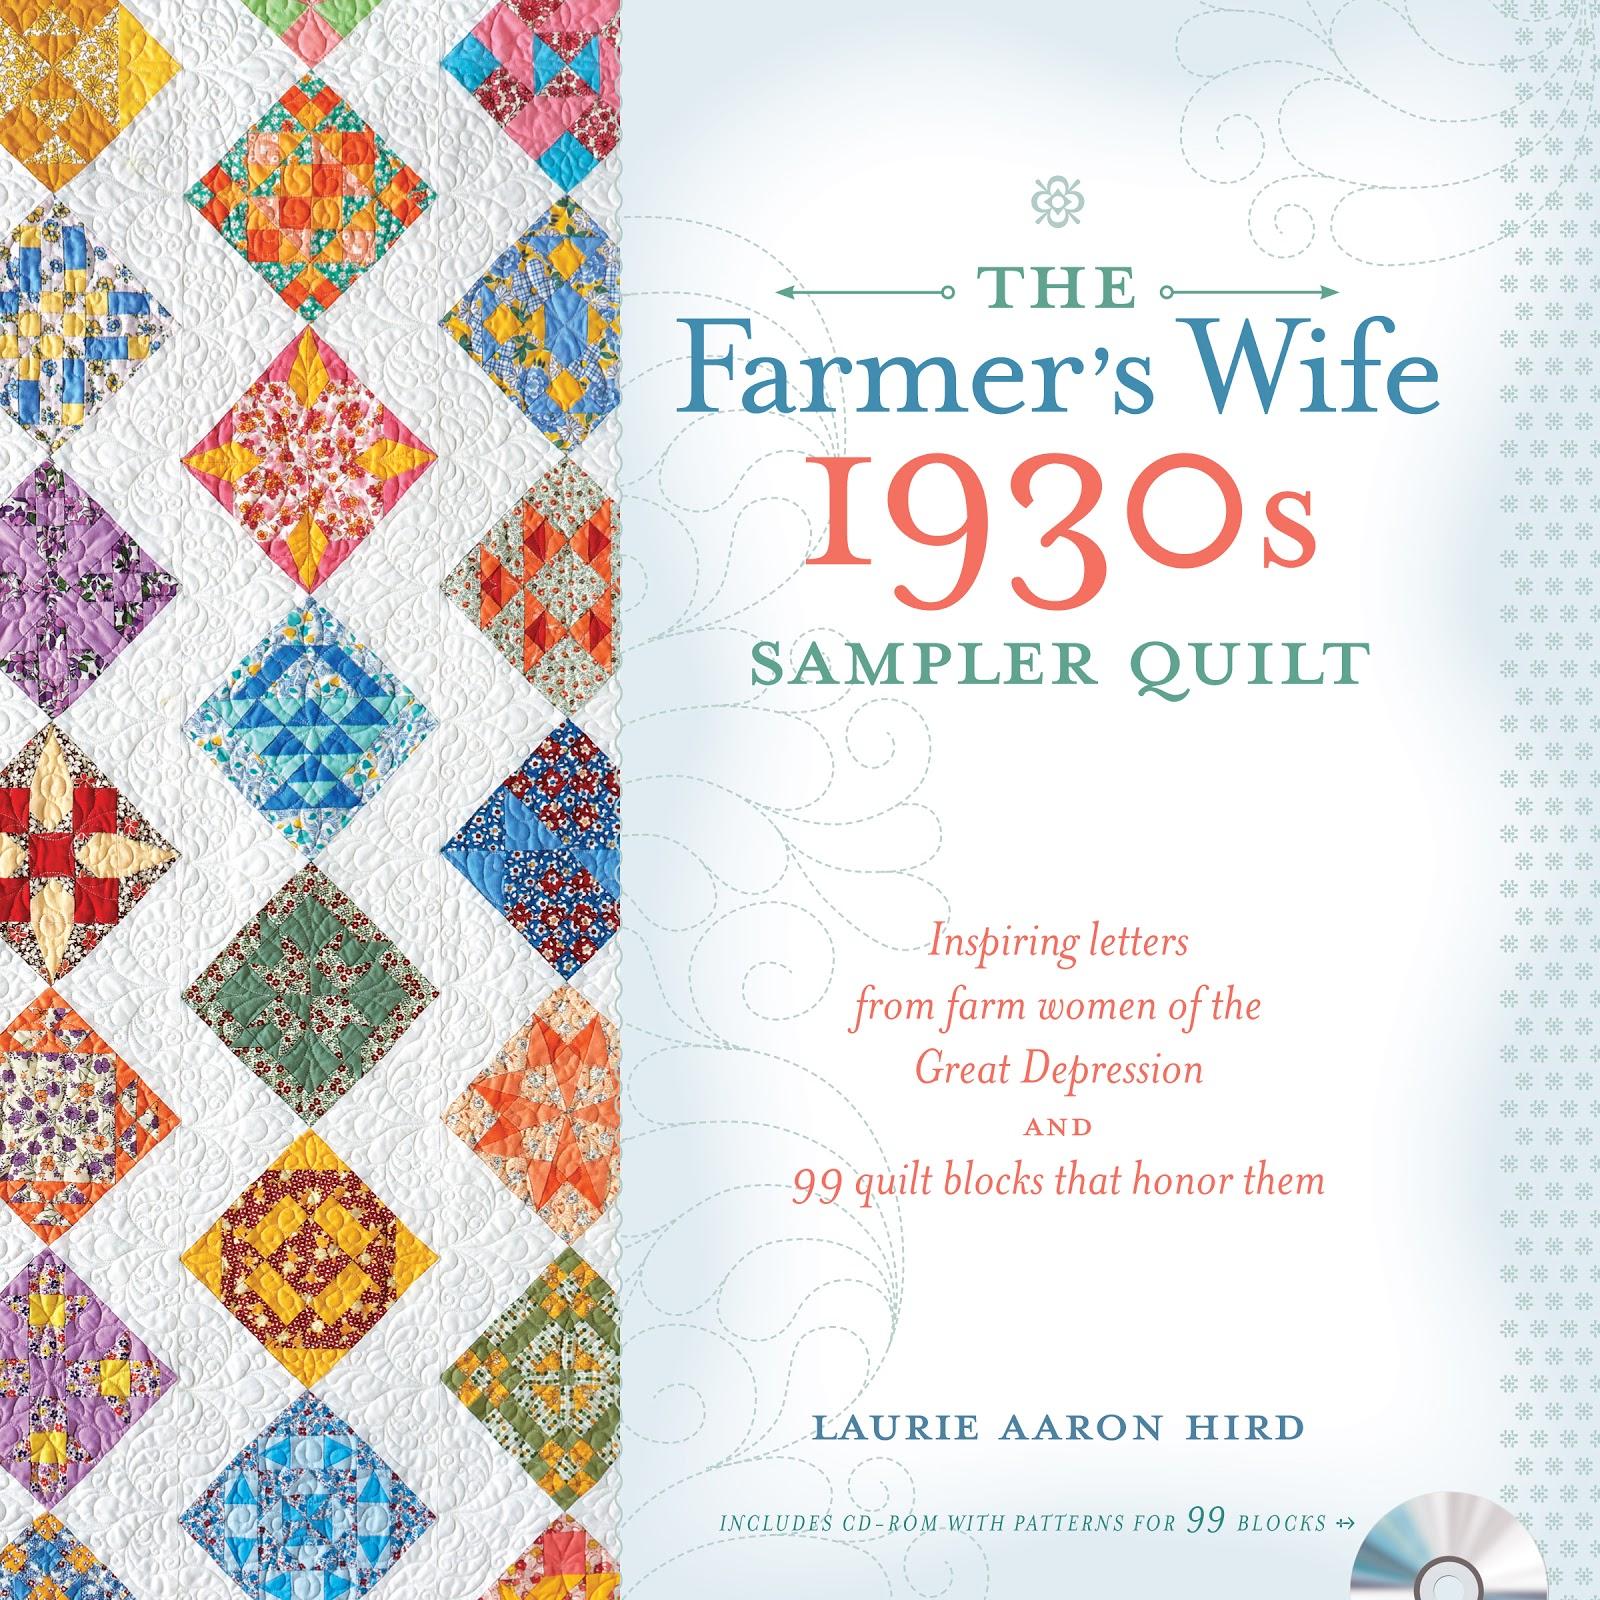 Widow Tutorial: Block 99 in the Farmer's Wife 1930s Sew-Along